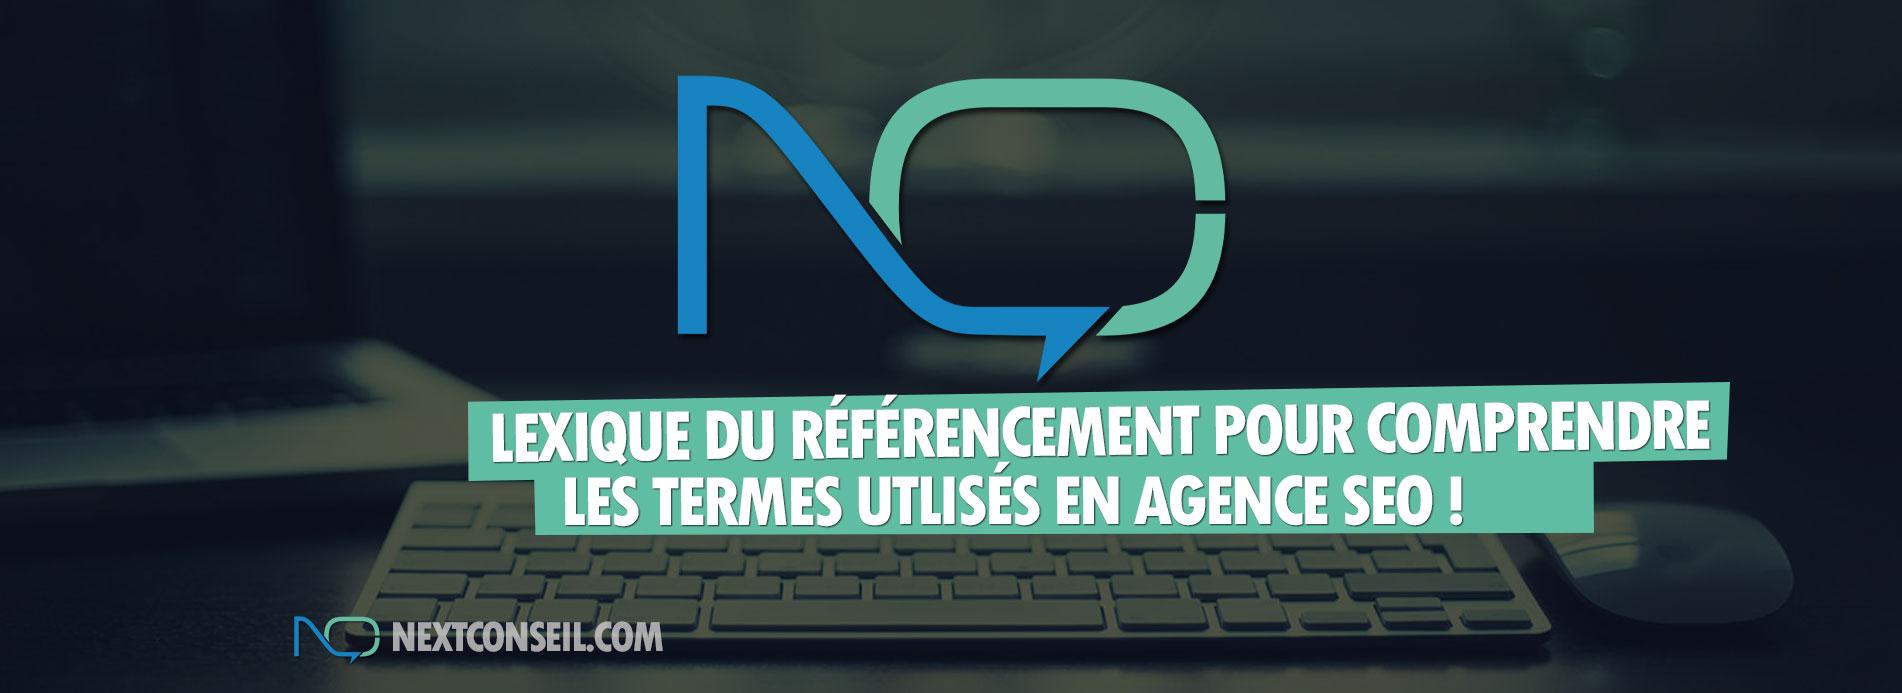 Lexique du referencement pour comprendre les termes utilisés en agence